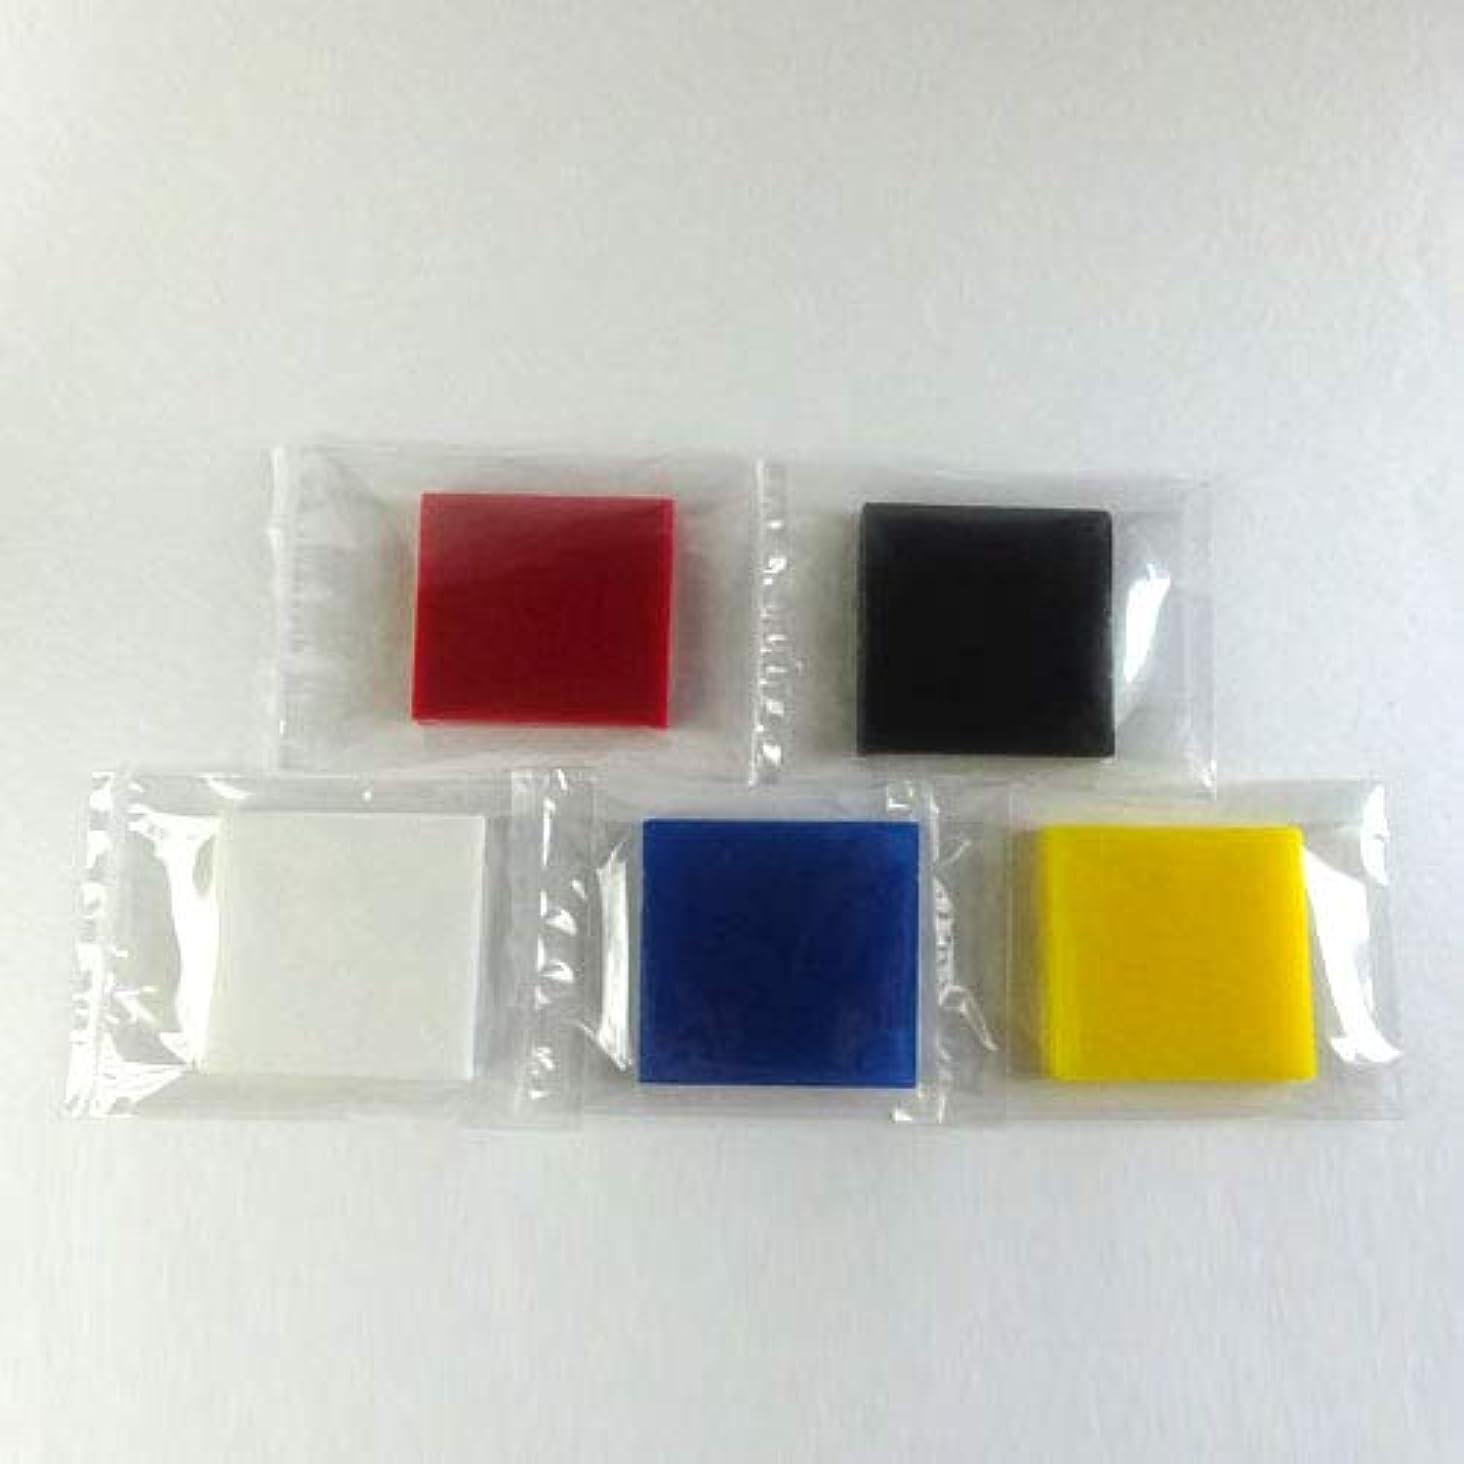 かけがえのないペダル防ぐグリセリンソープ MPソープ 色チップ 5色(赤?青?黄?白?黒) 各60g(30g x 2pc)